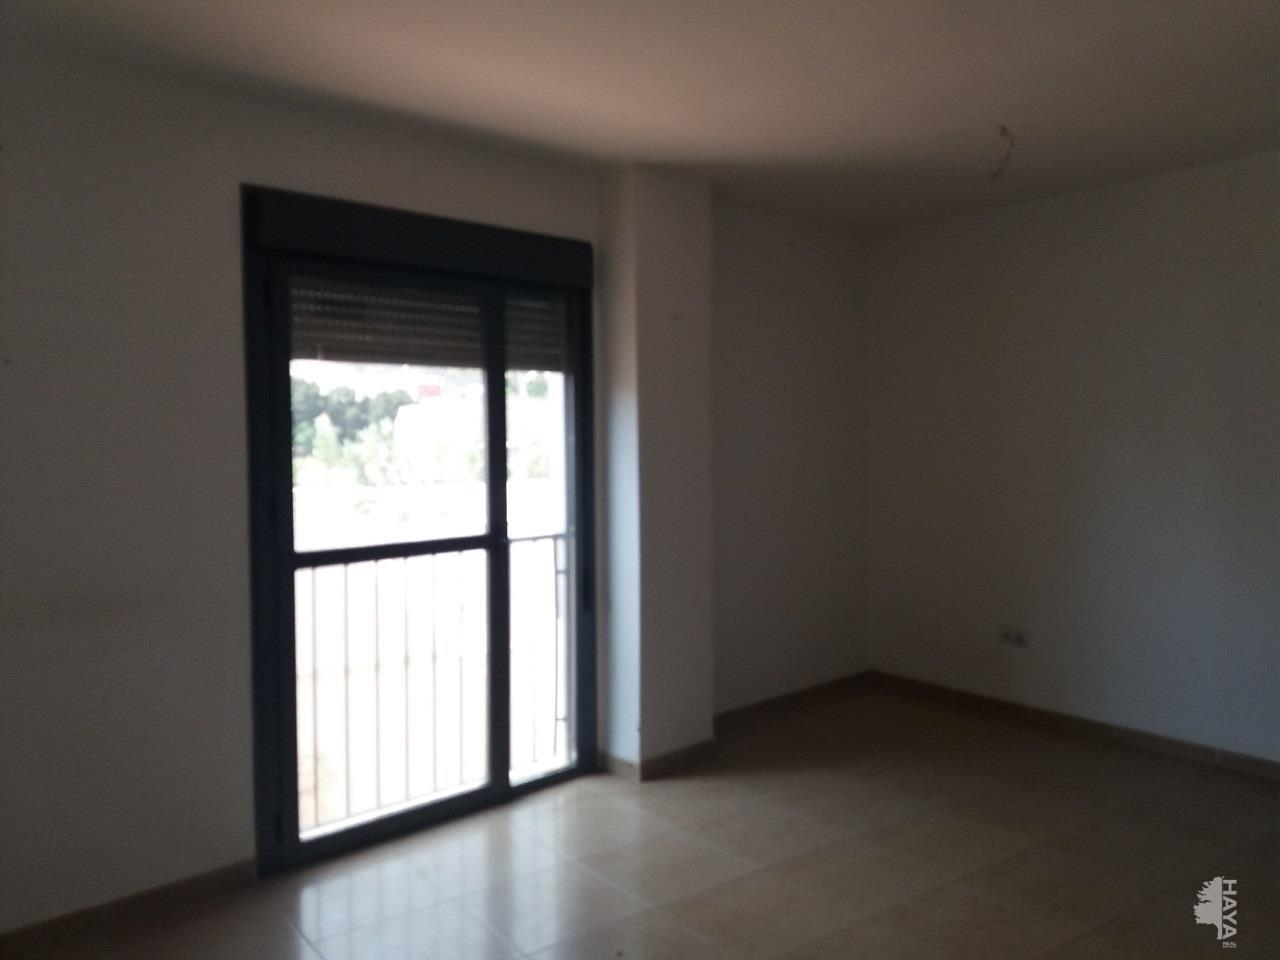 Piso en venta en Piso en Huércal de Almería, Almería, 93.112 €, 3 habitaciones, 1 baño, 166 m2